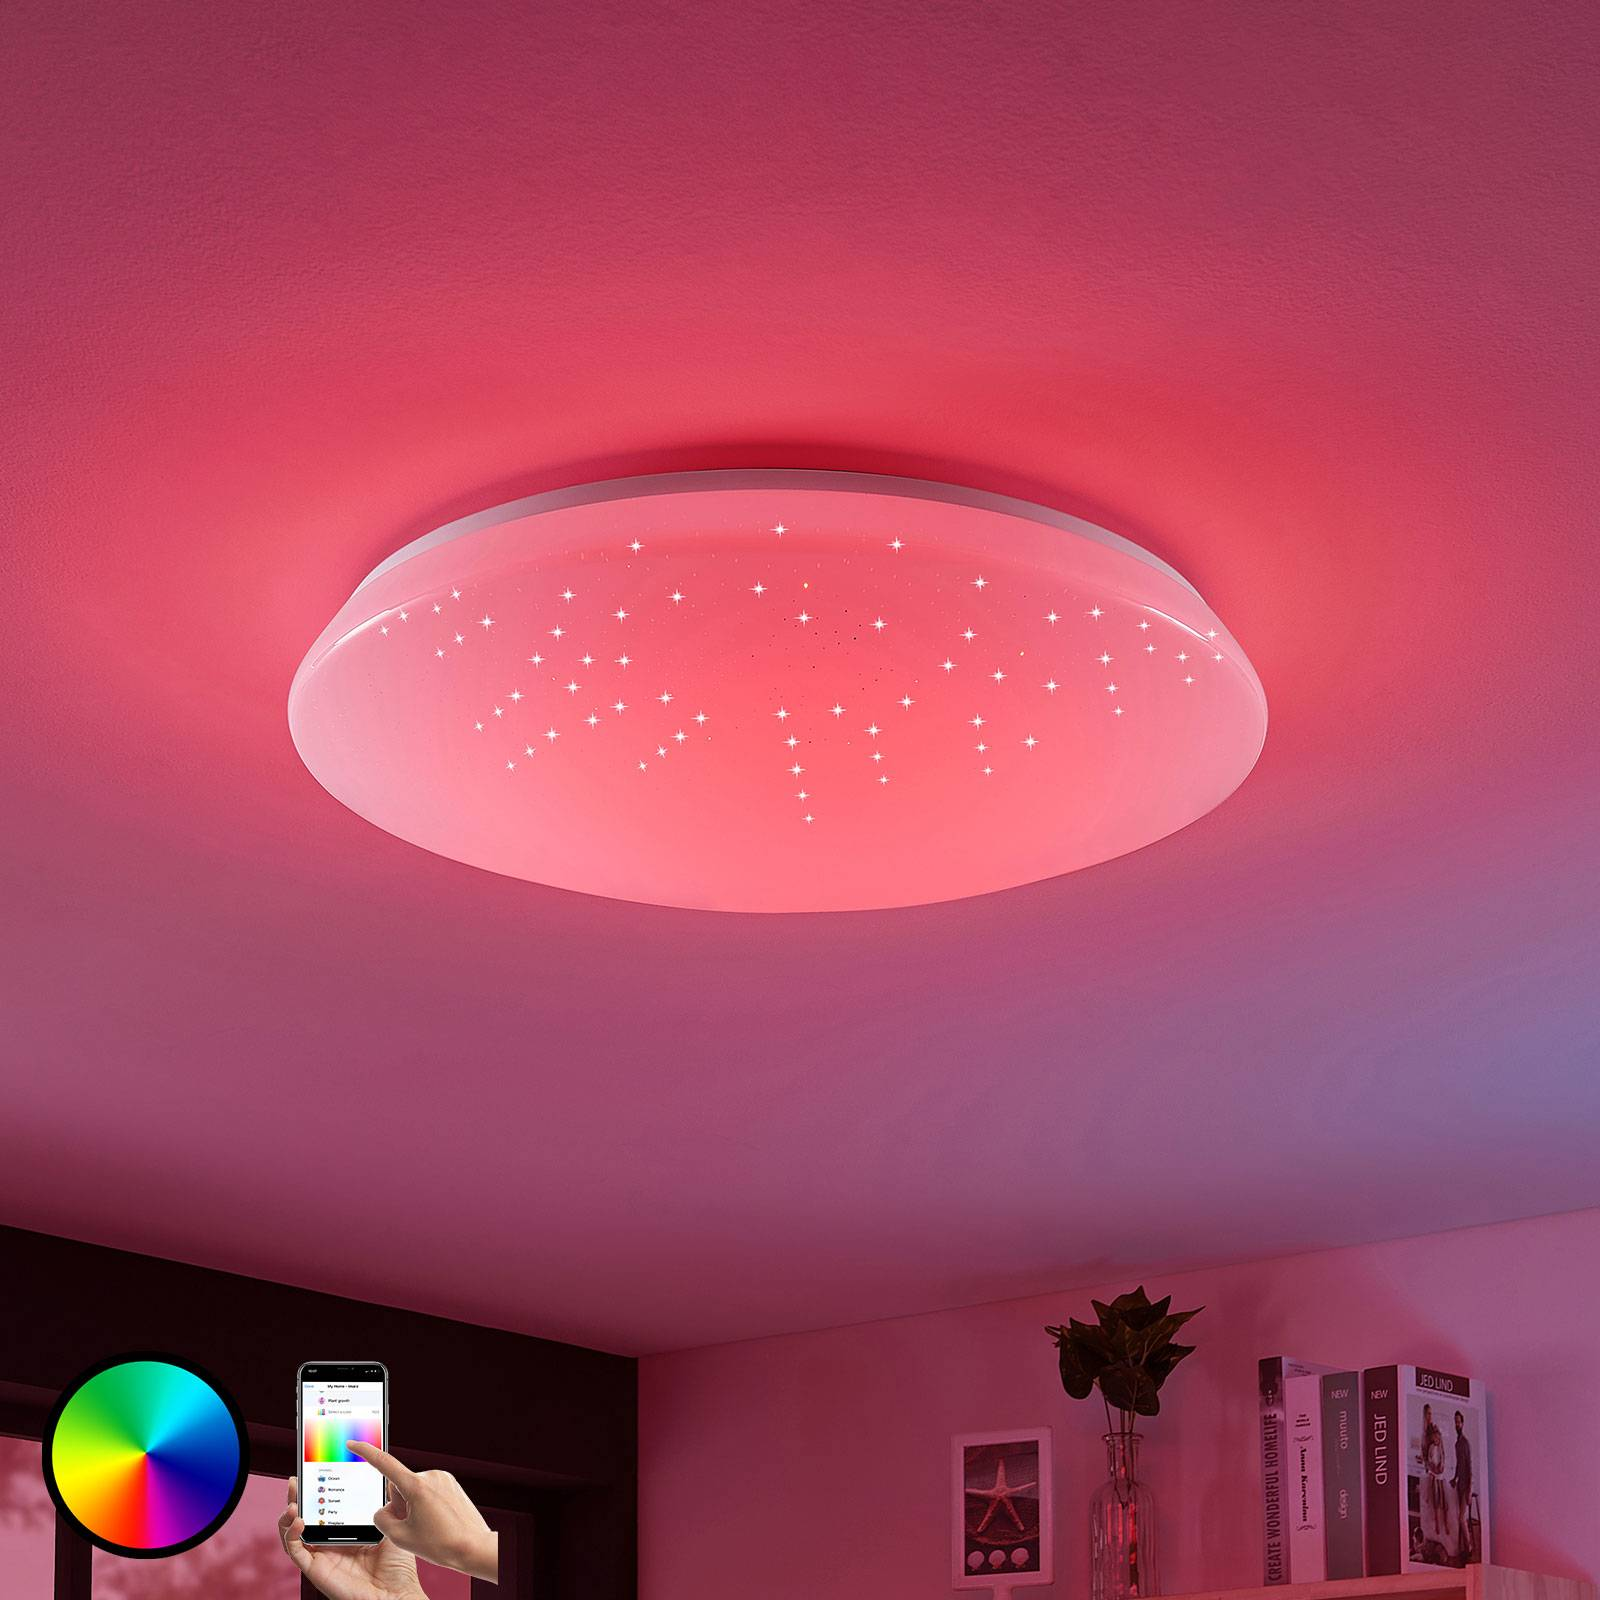 Lampa sufitowa LED Jelka, WiZ, RGB, okrągła